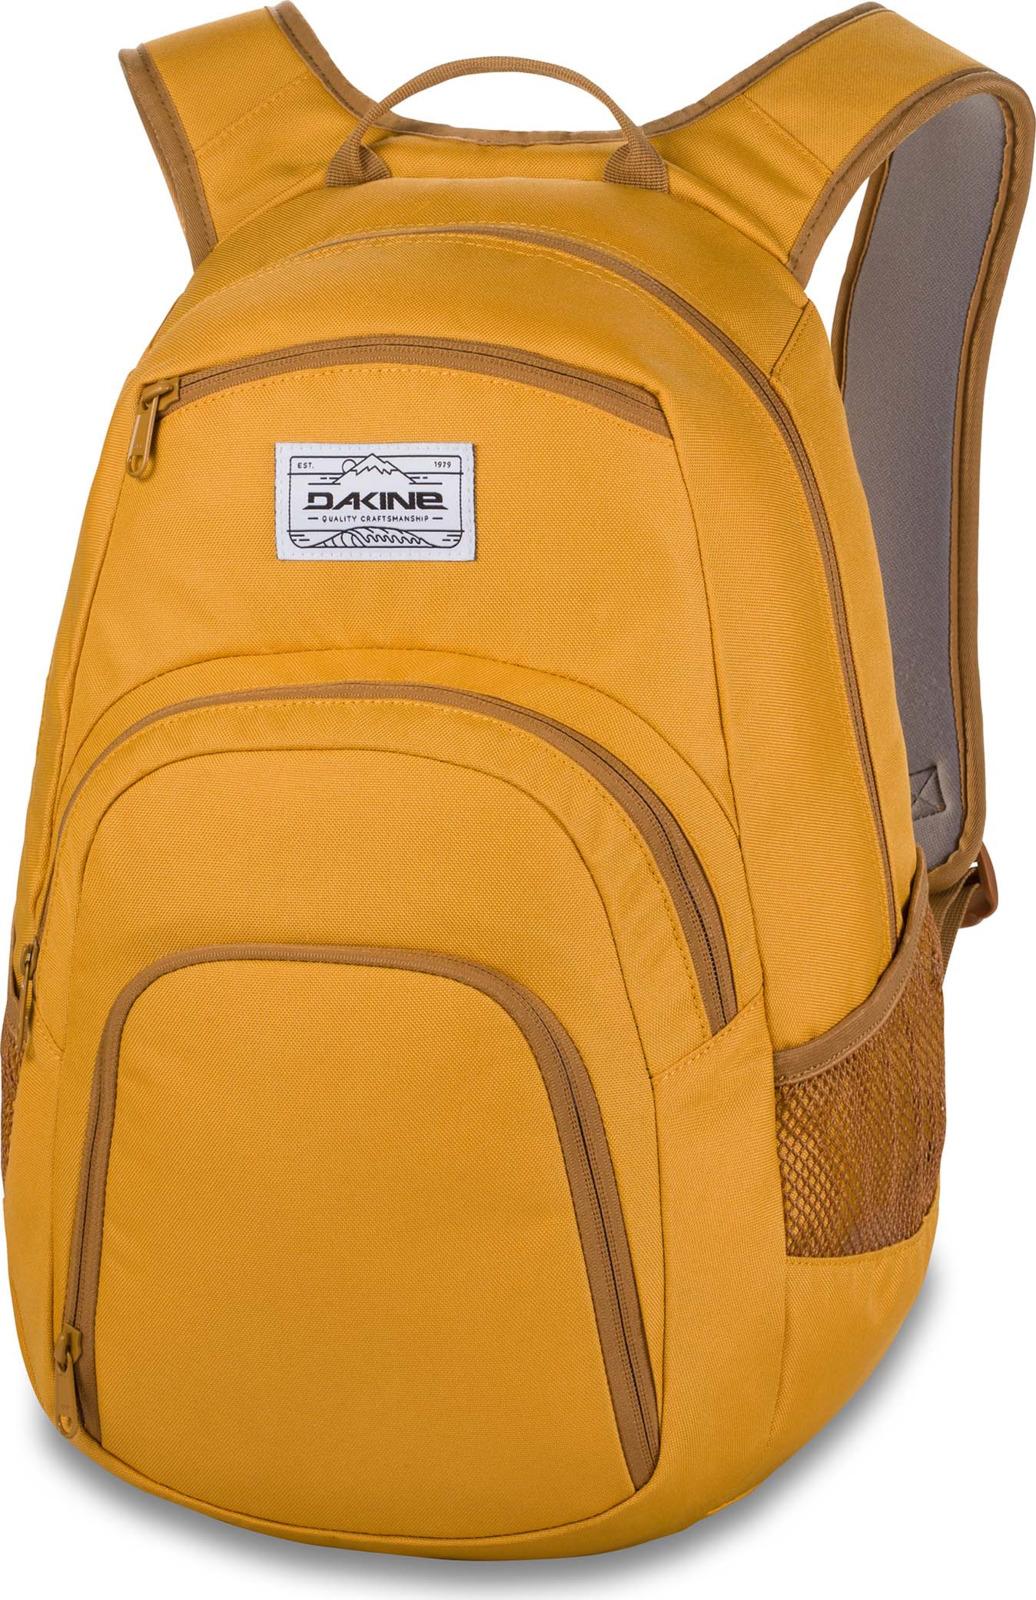 Рюкзак Dakine Campus, цвет: желтый, 25 л oiwas ноутбук рюкзак мода случайные